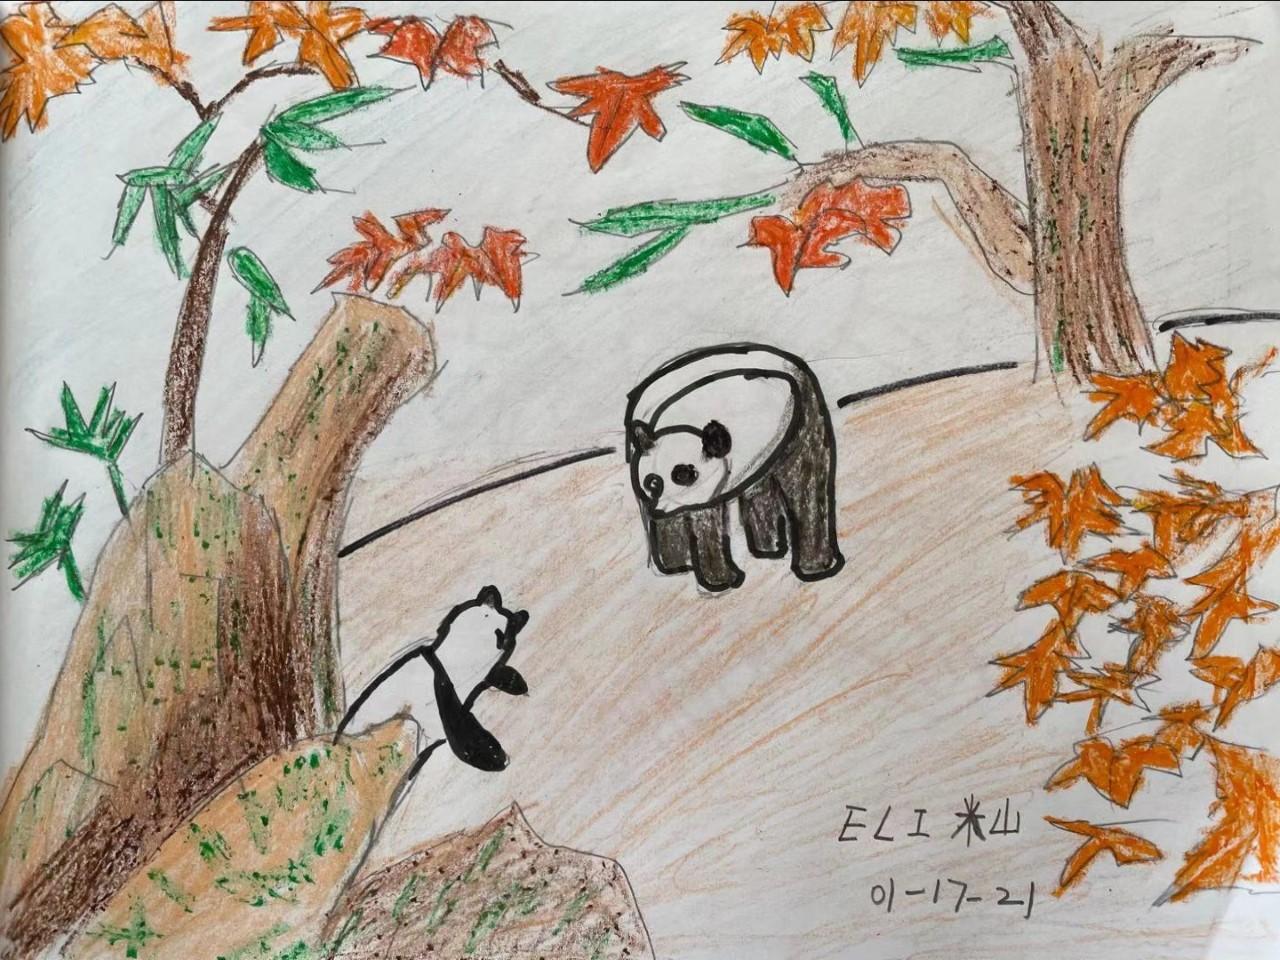 黄老师Eli-panda